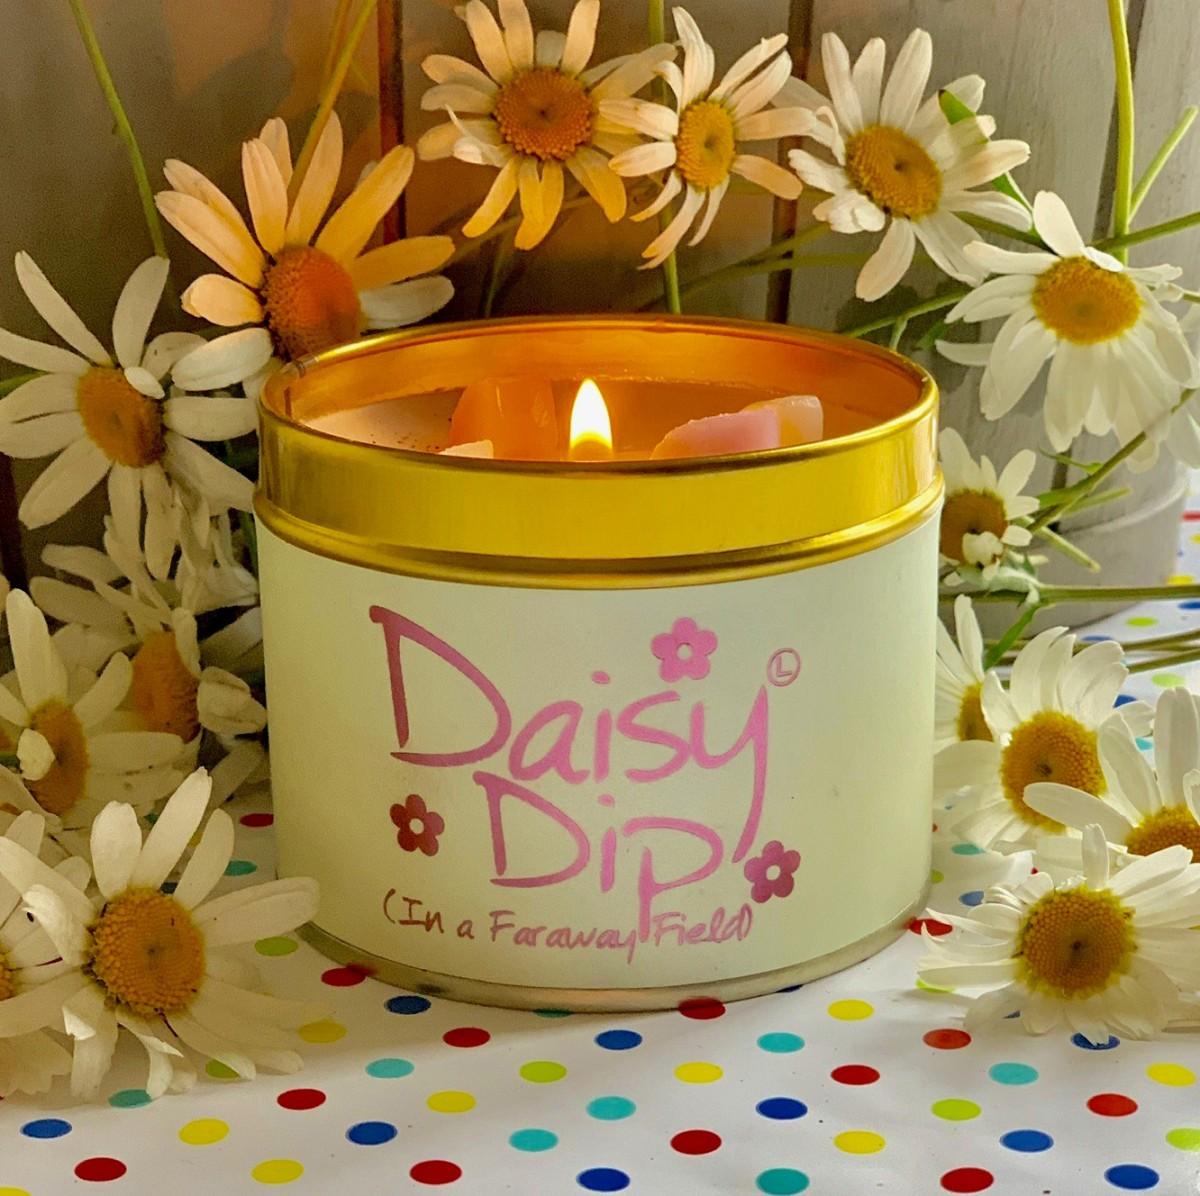 Daisy Dip 2019